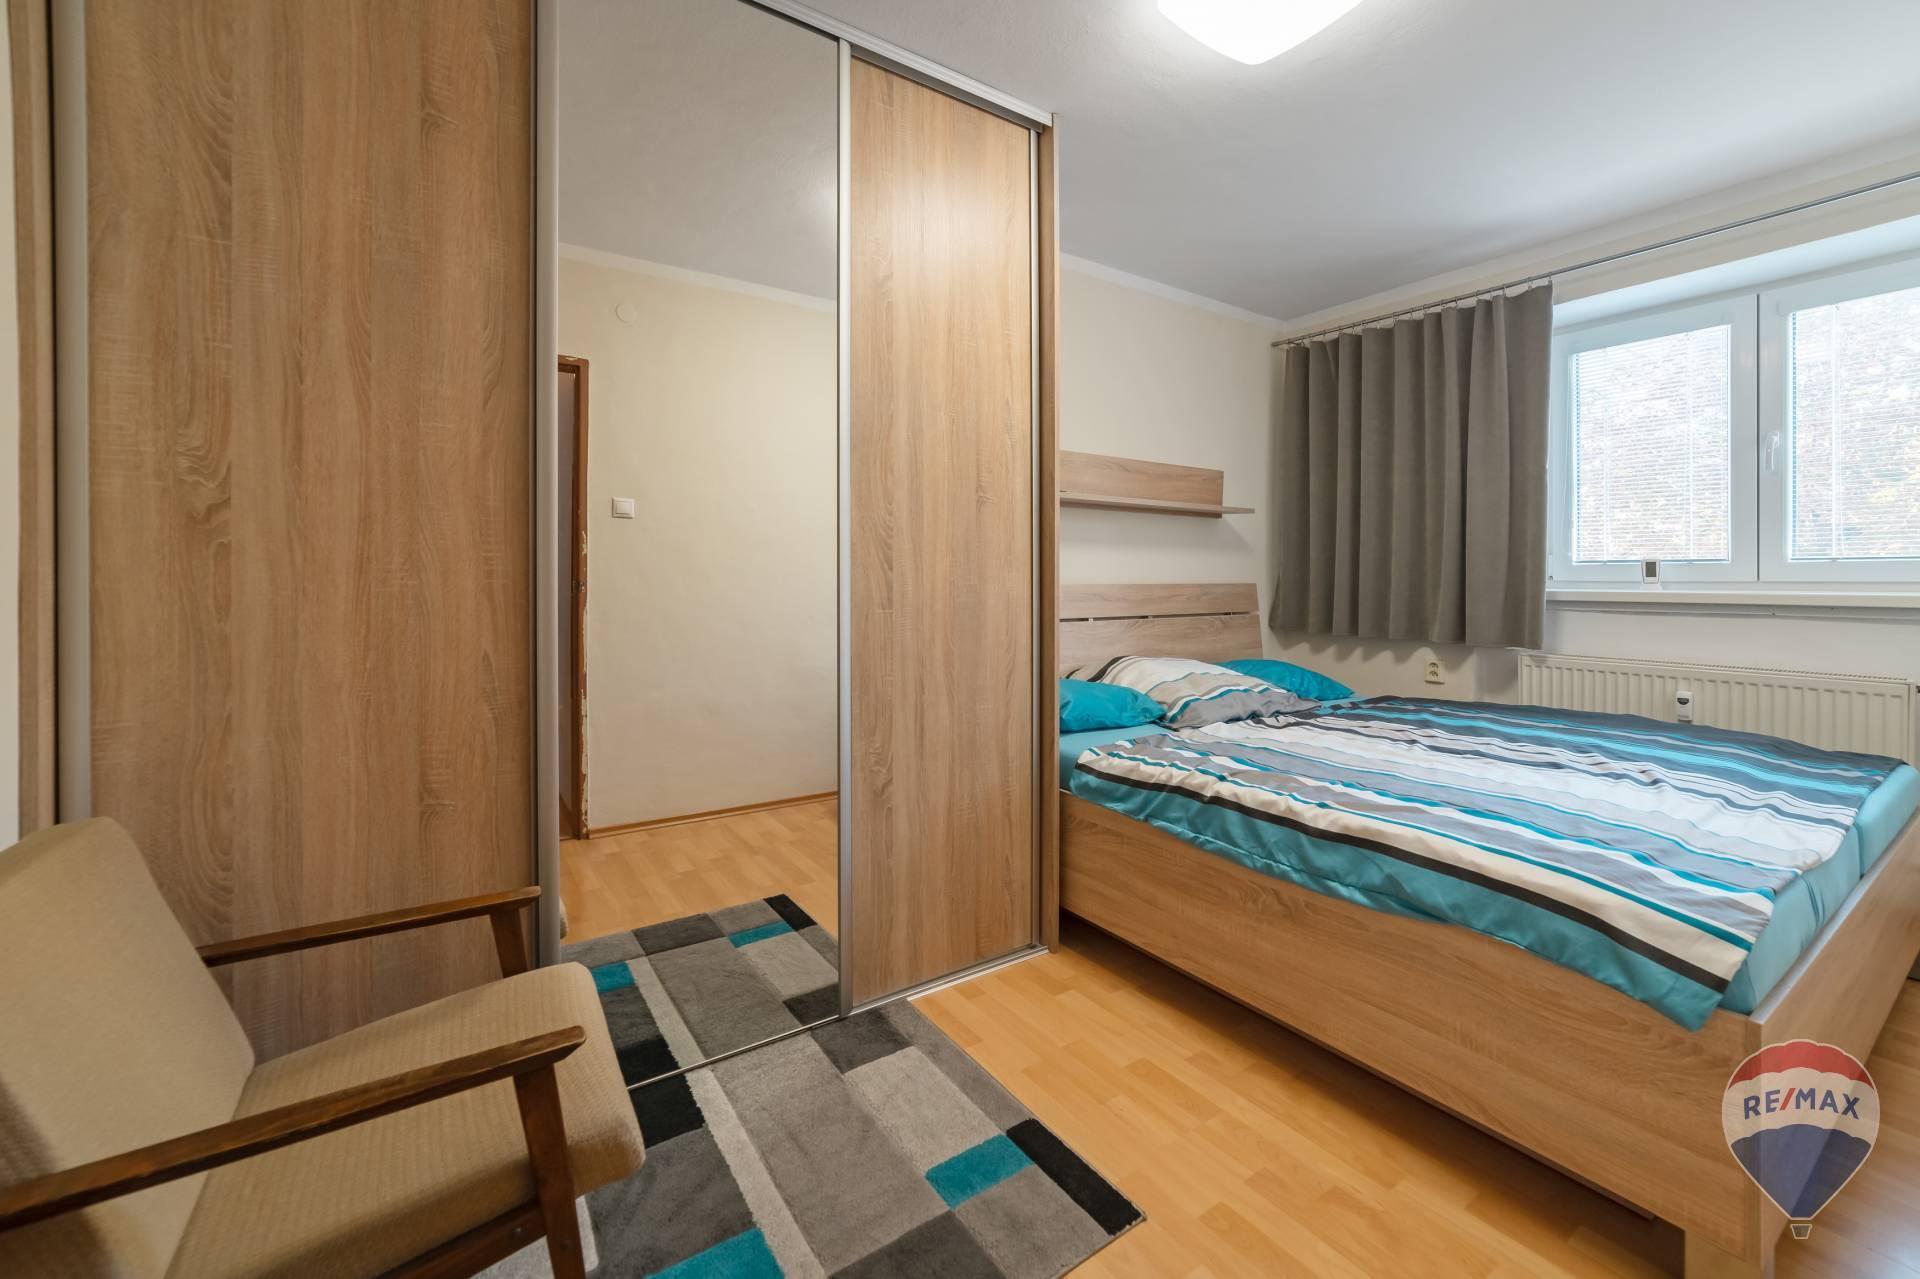 Prenájom bytu (2 izbový) 48 m2, Nová Dubnica -